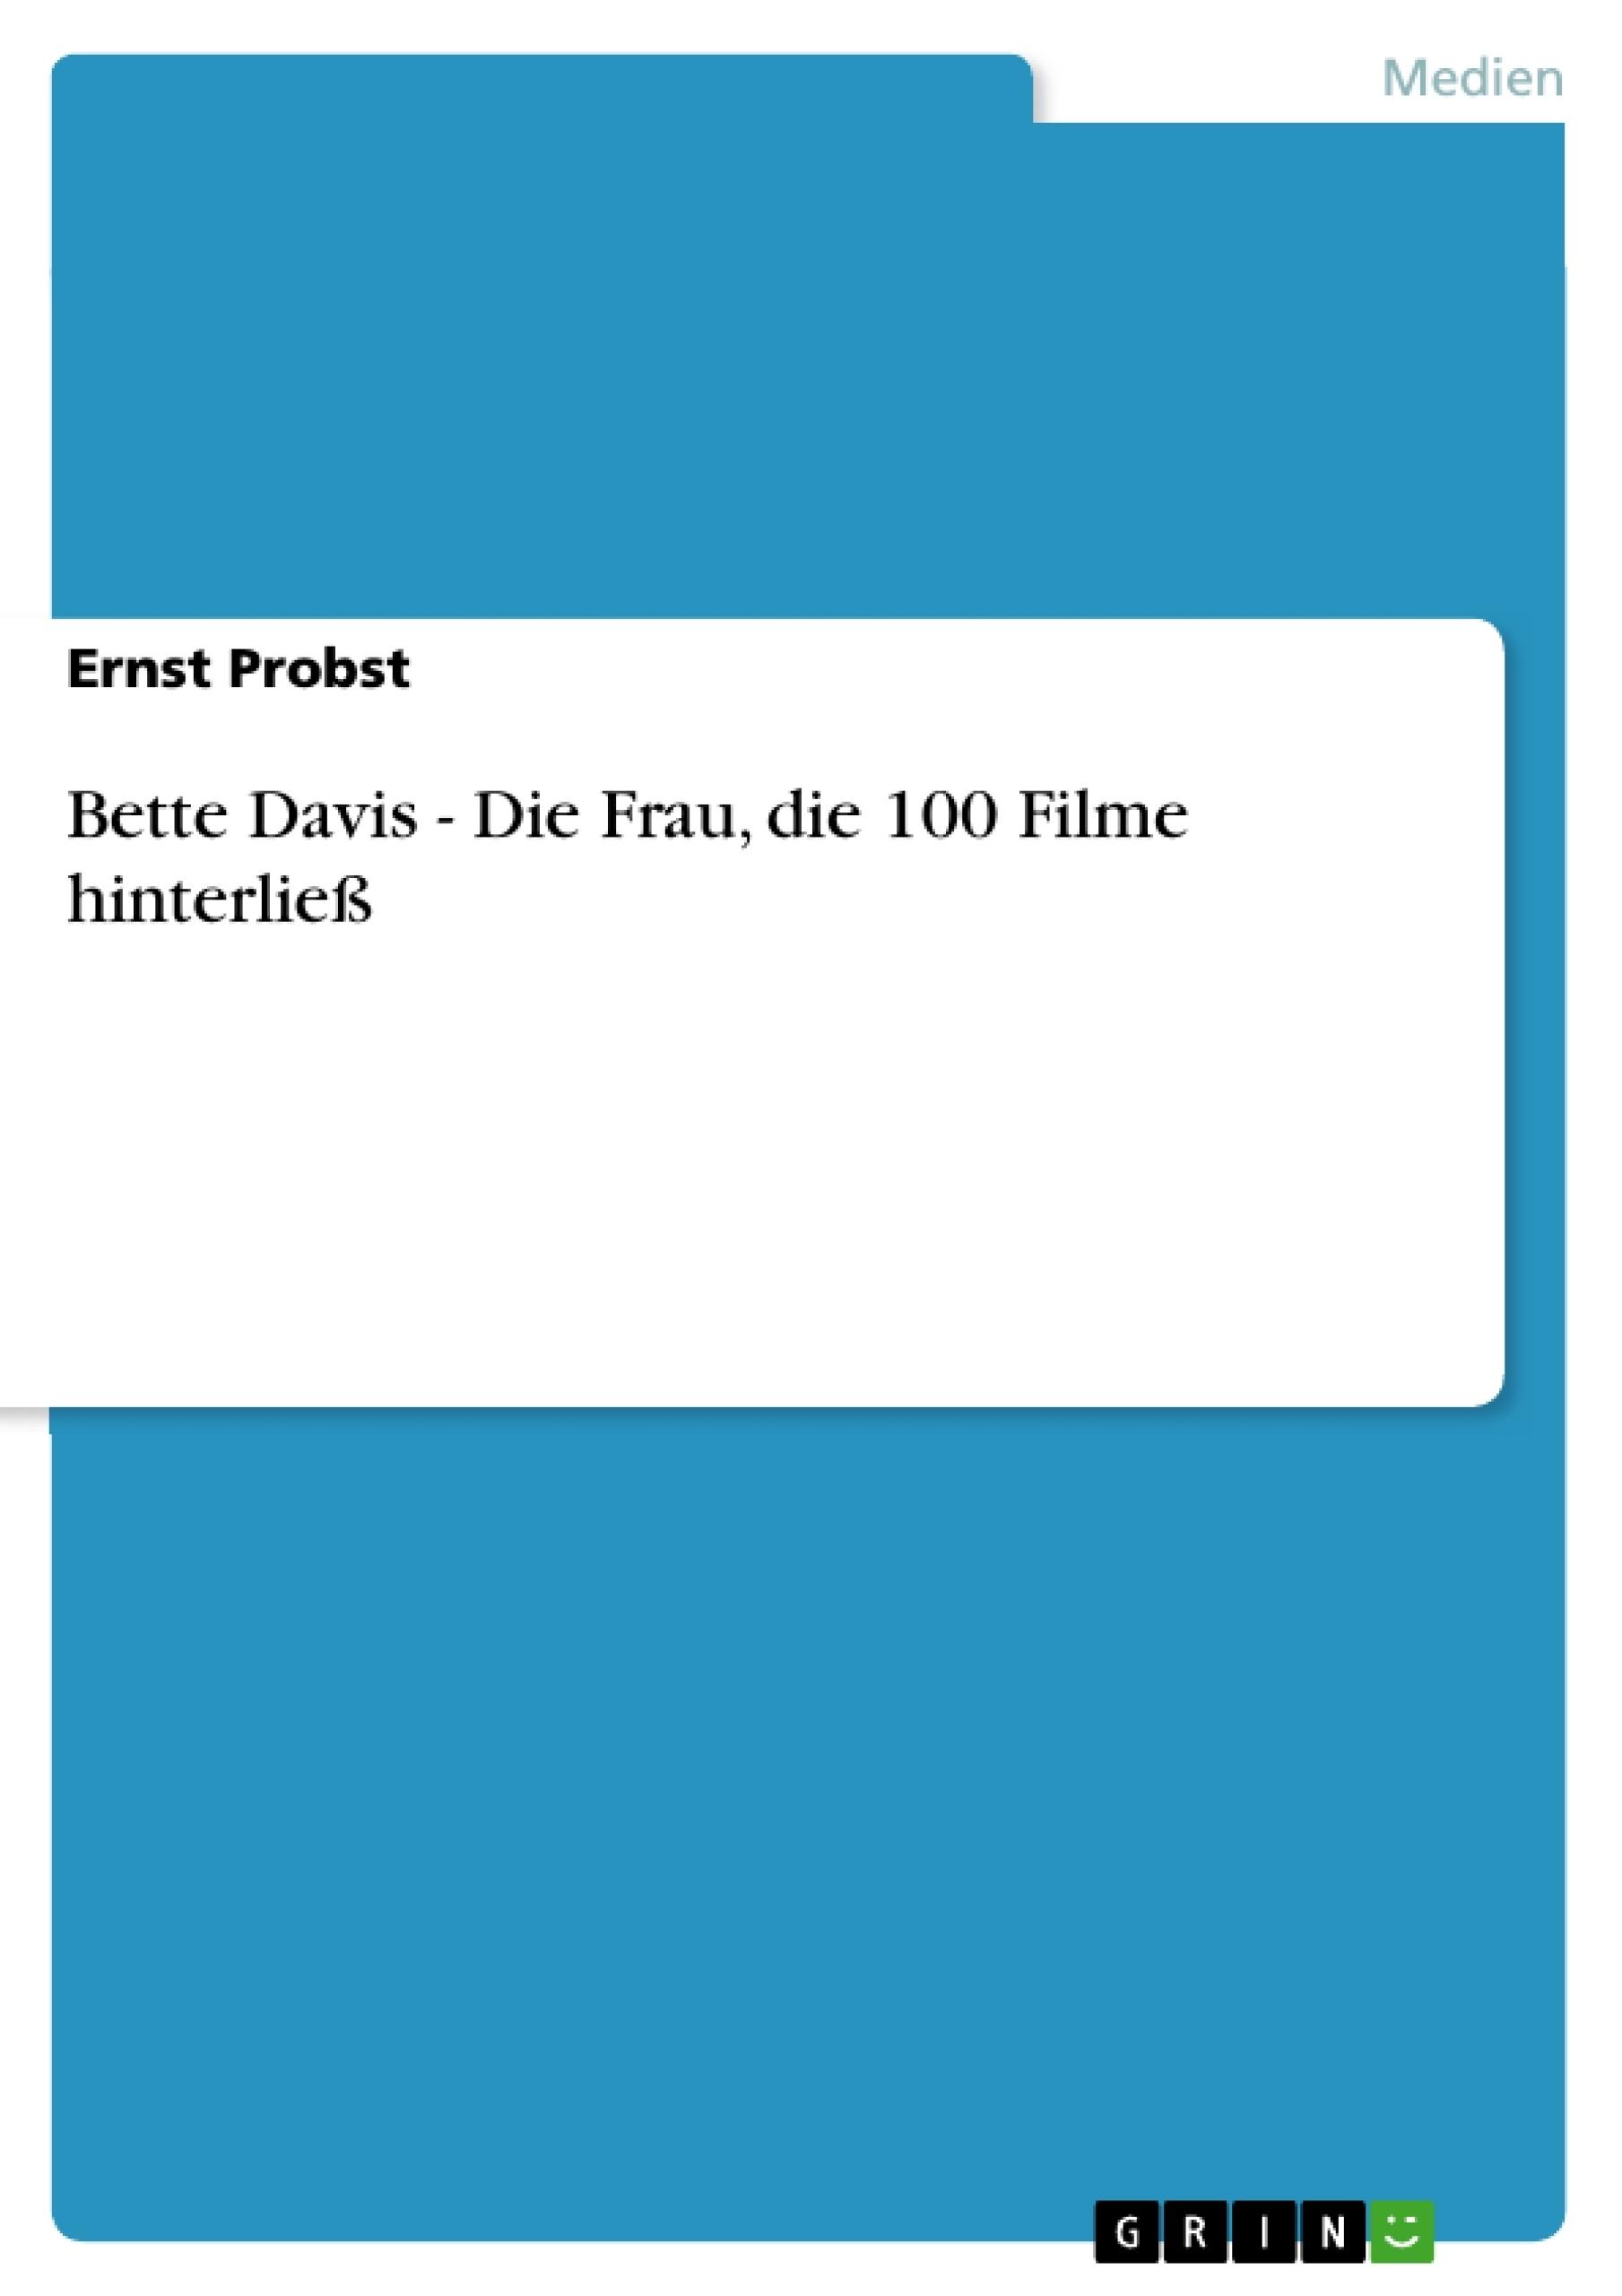 Titel: Bette Davis - Die Frau, die 100 Filme hinterließ